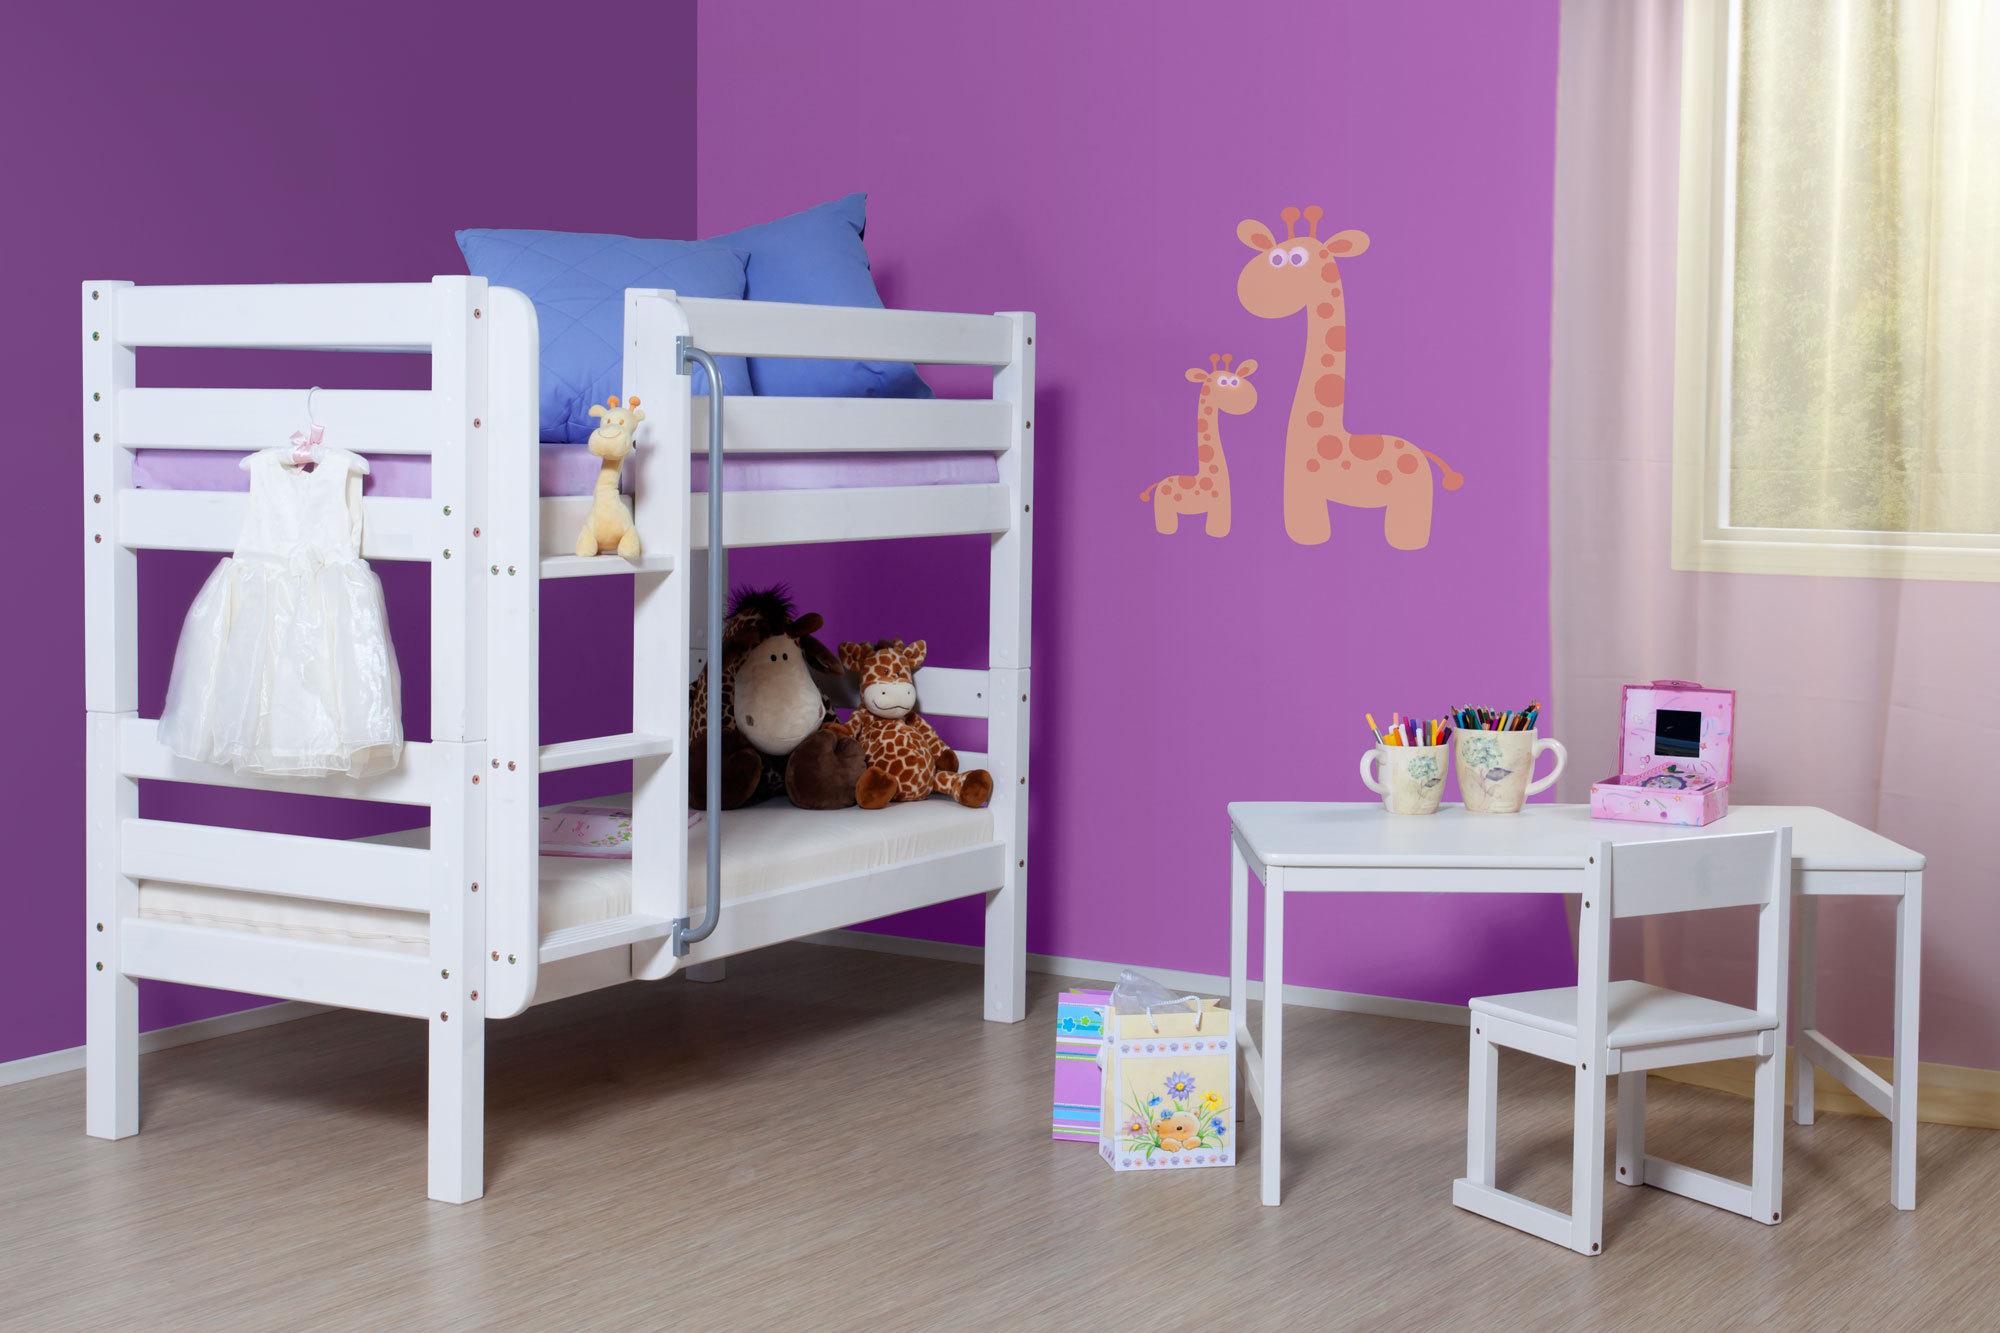 Literas triples literas para ni os literas el l camas altas - Literas para ninos espacios pequenos ...